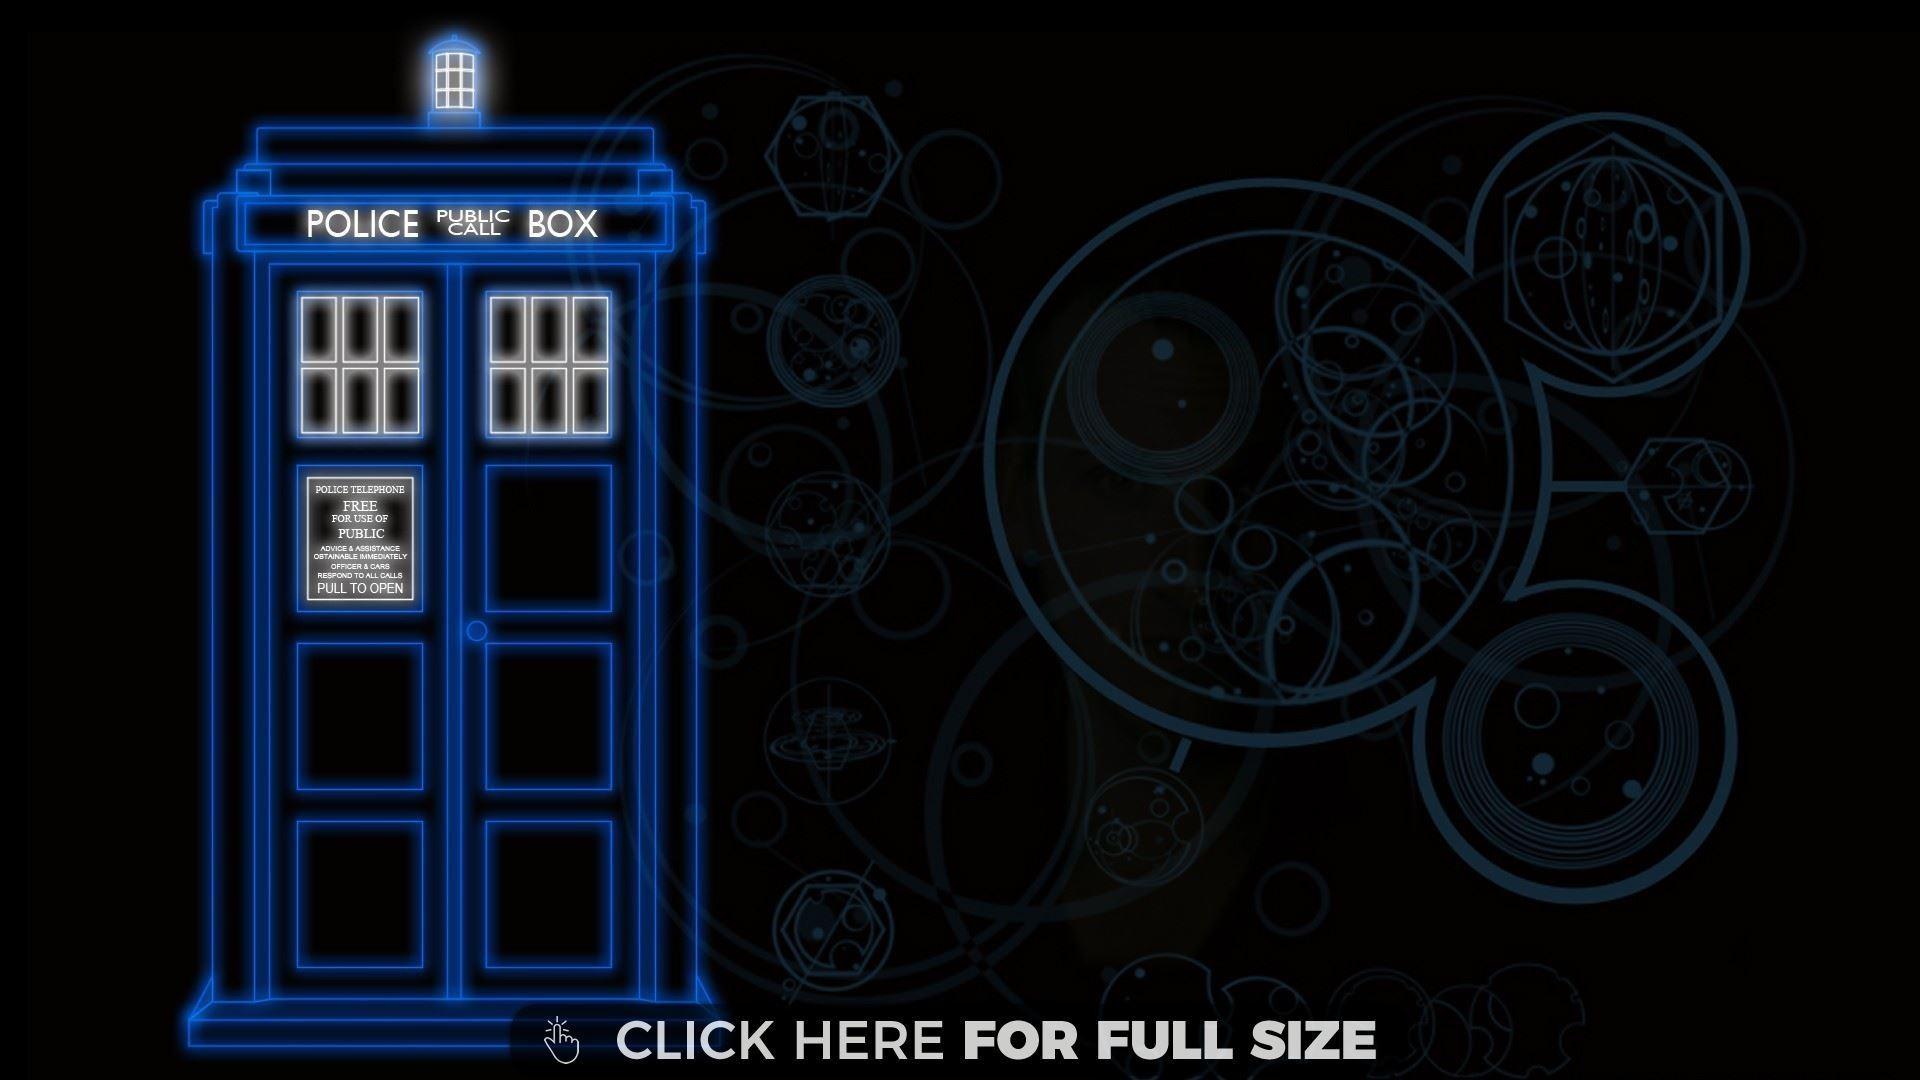 Tardis Wallpapers Photos And Desktop Backgrounds Up To 8k. Tardis Tenth  Doctor Iphone 6 Wallpaper